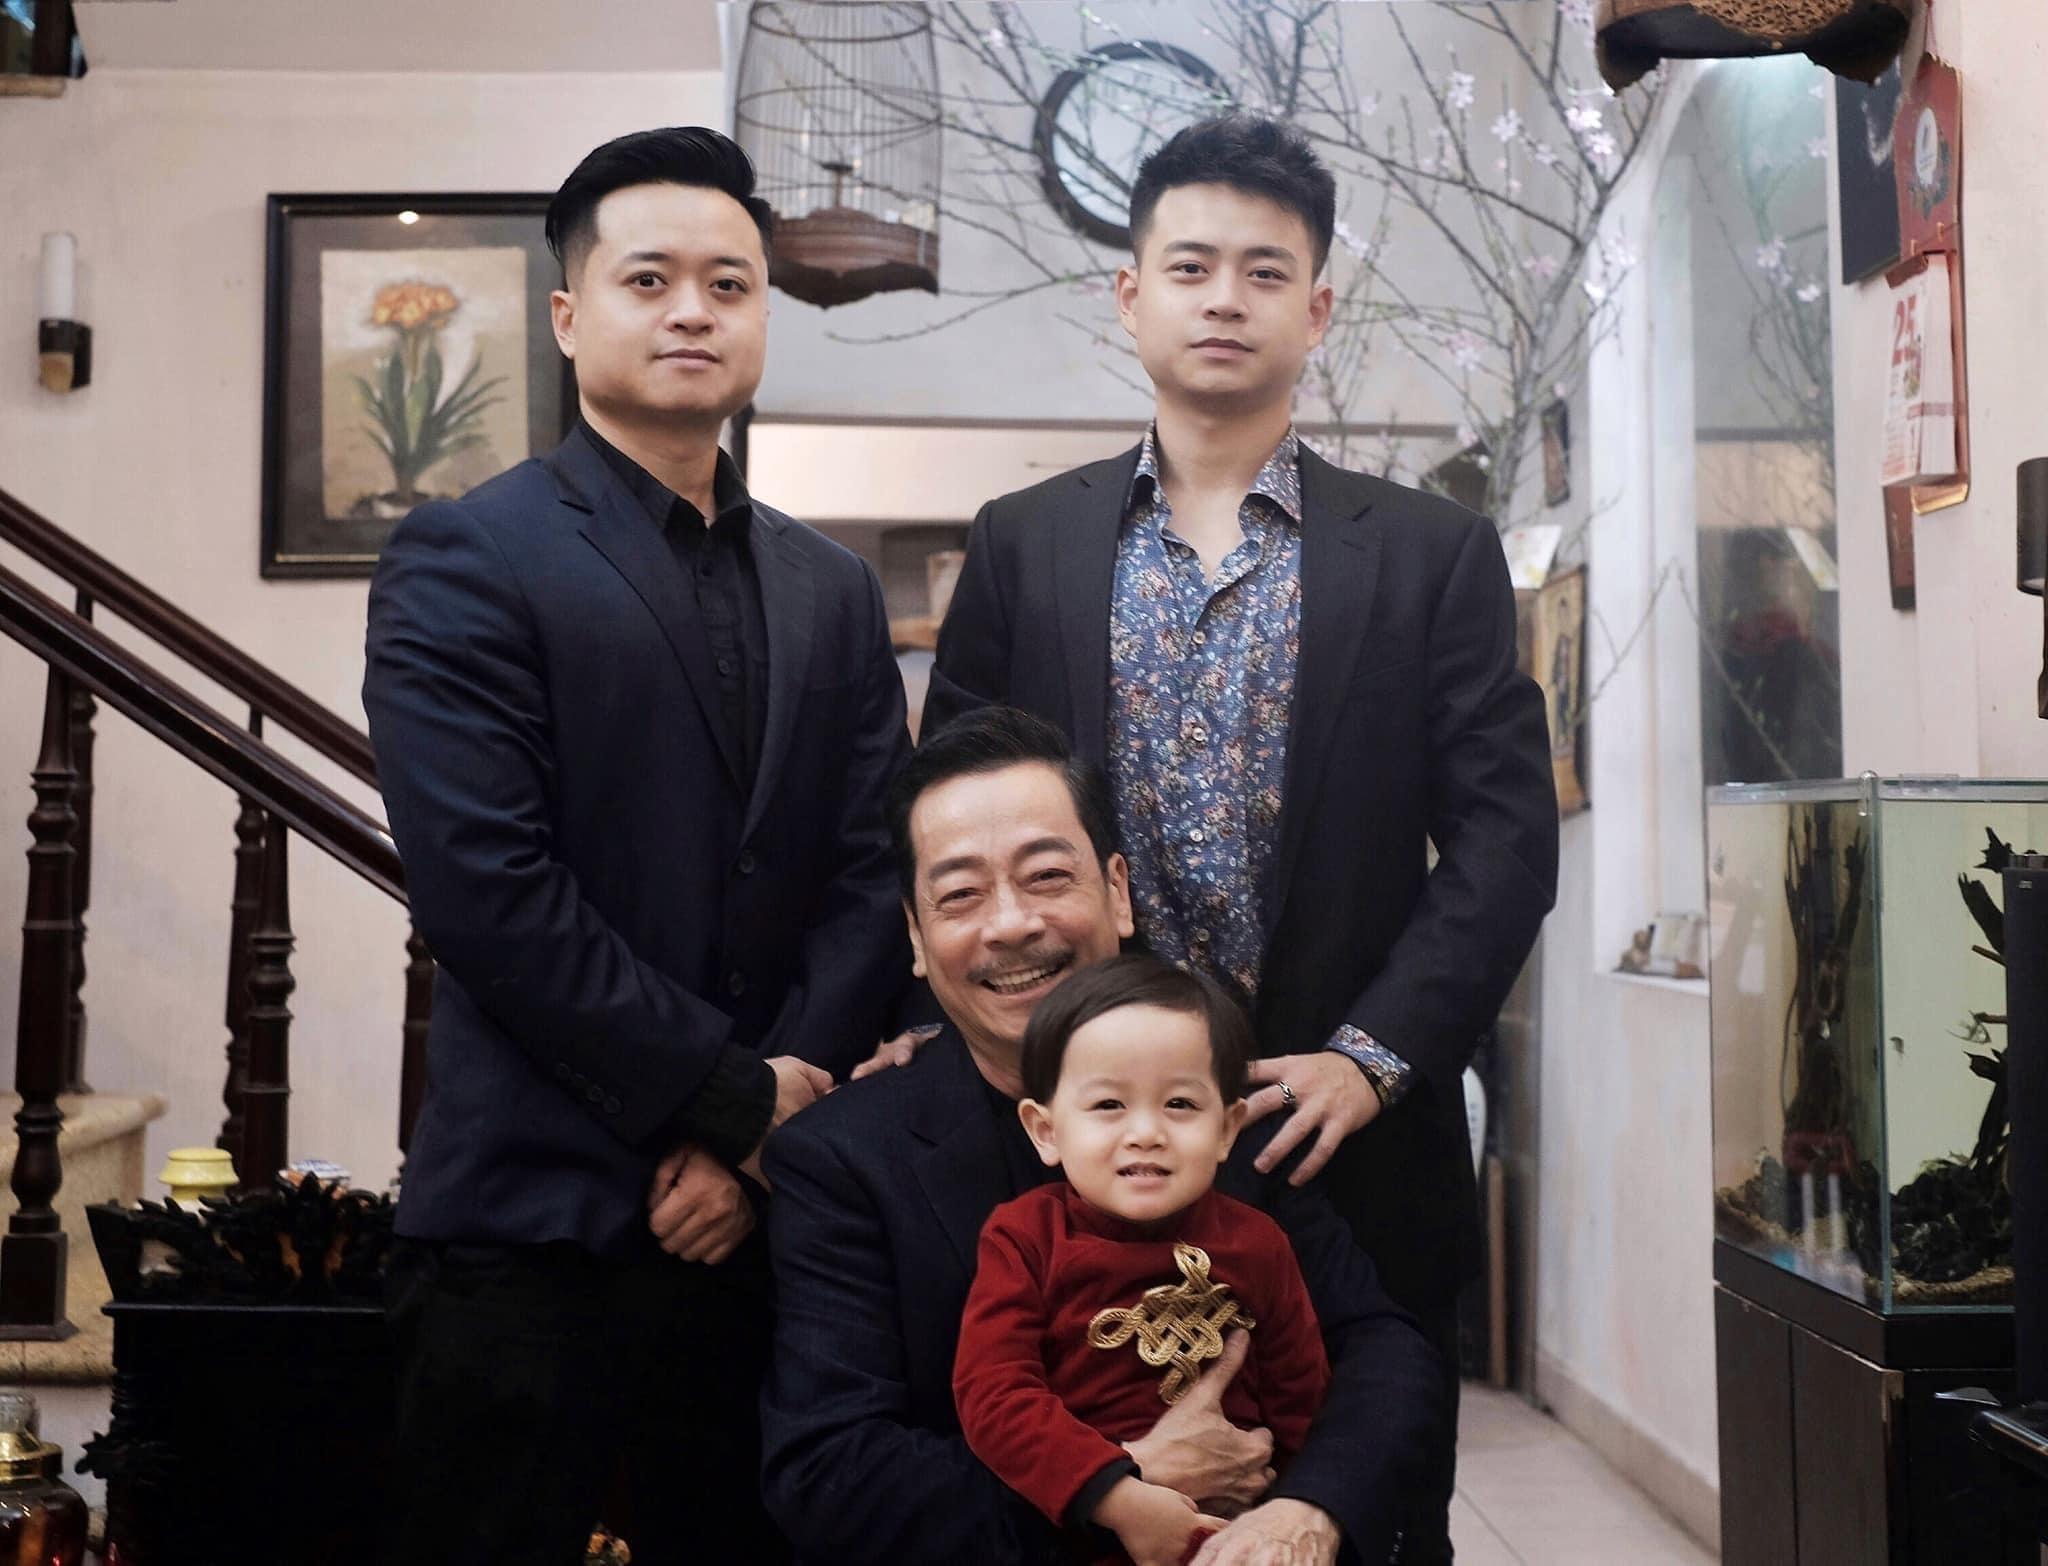 Con trai NSND Hoàng Dũng: 'Hẹn bố ở một nơi khác, con yêu bố'